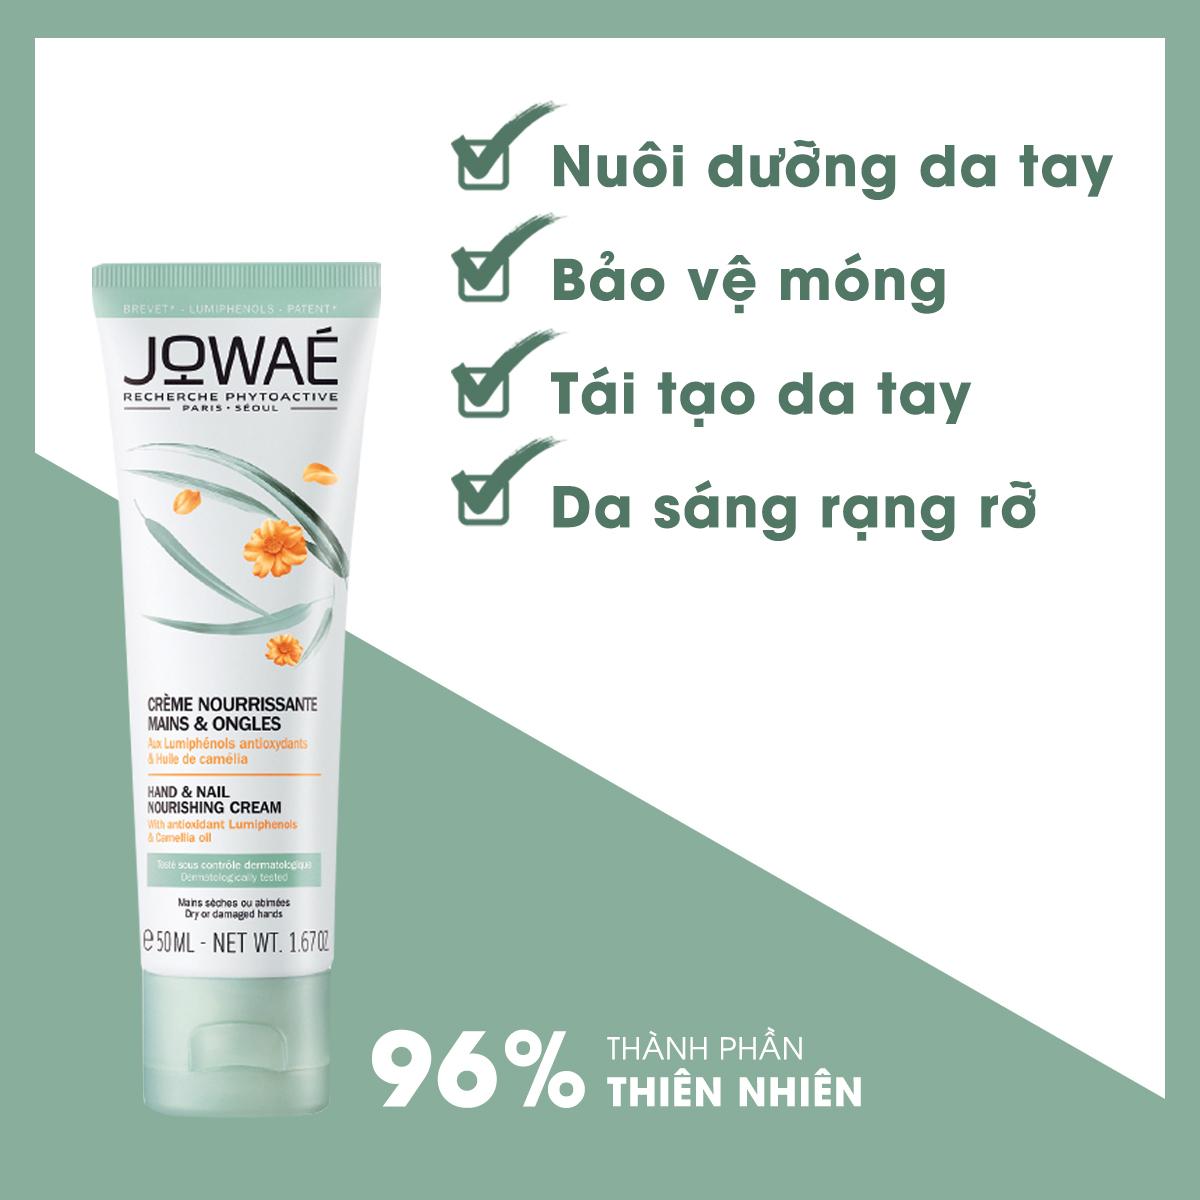 Kem dưỡng tay và móng JOWAE nuôi dưỡng, bảo vệ và tái tạo da mỹ phẩm thiên nhiên nhập khẩu từ Pháp HAND AND NAIL NOURISHING CREAM - 50ml